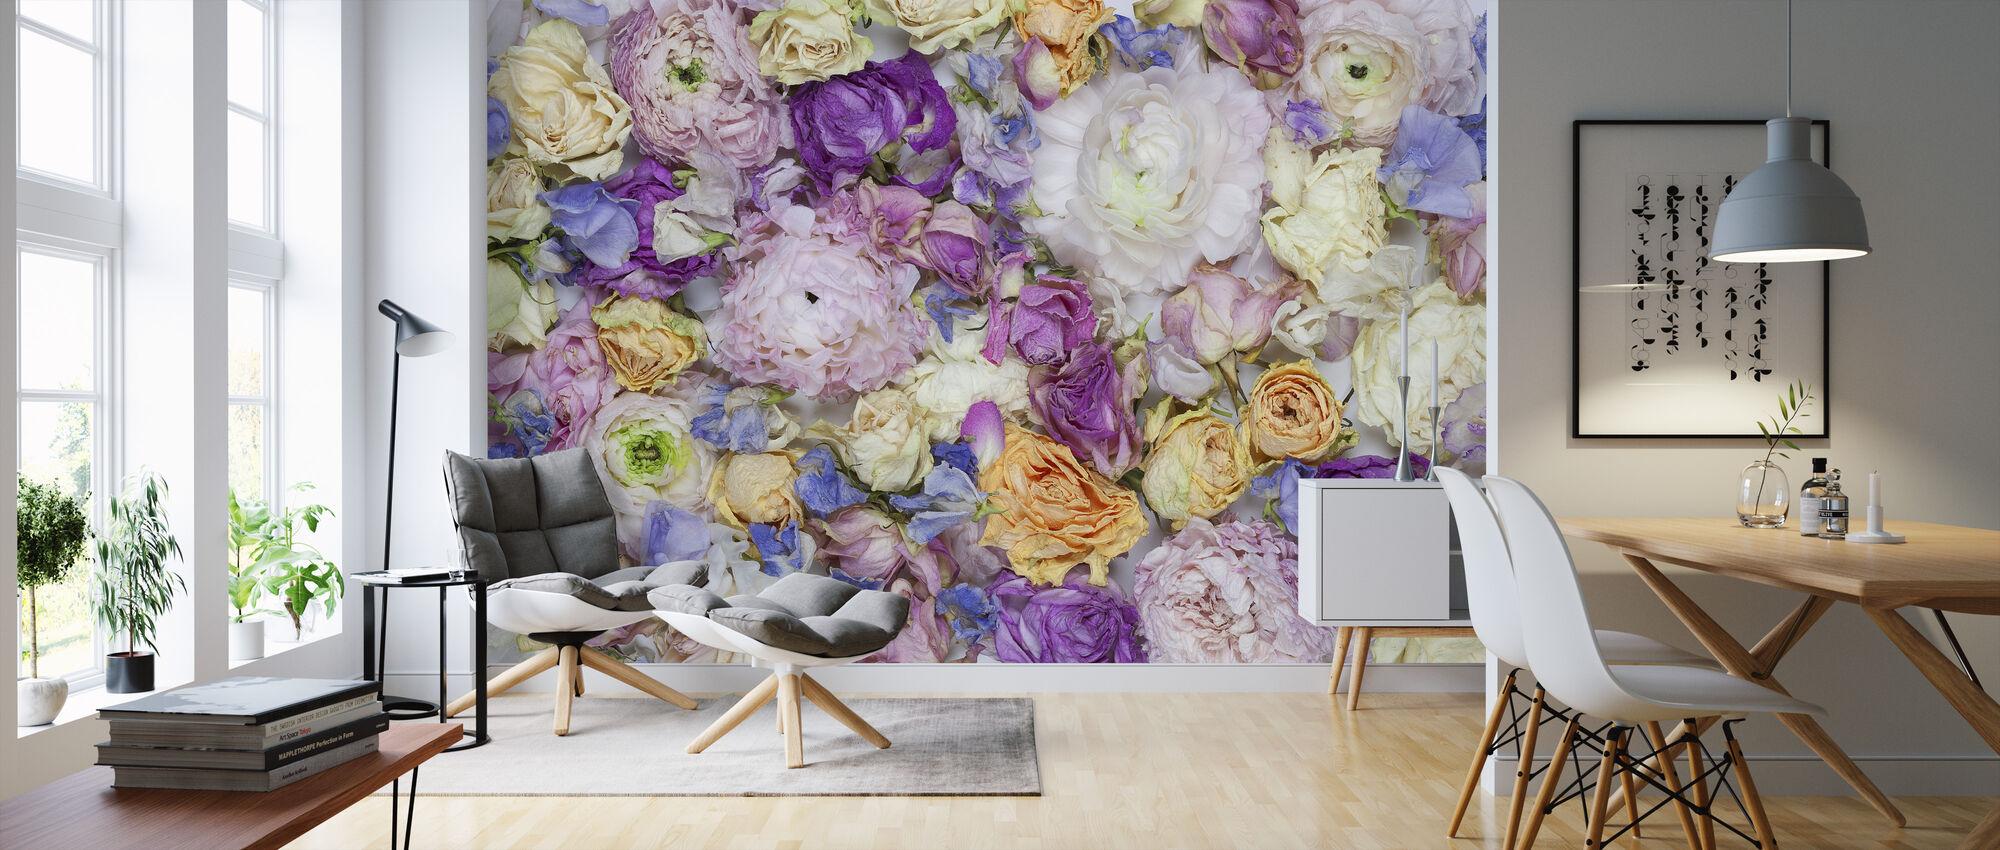 Garden Roses III - Wallpaper - Living Room